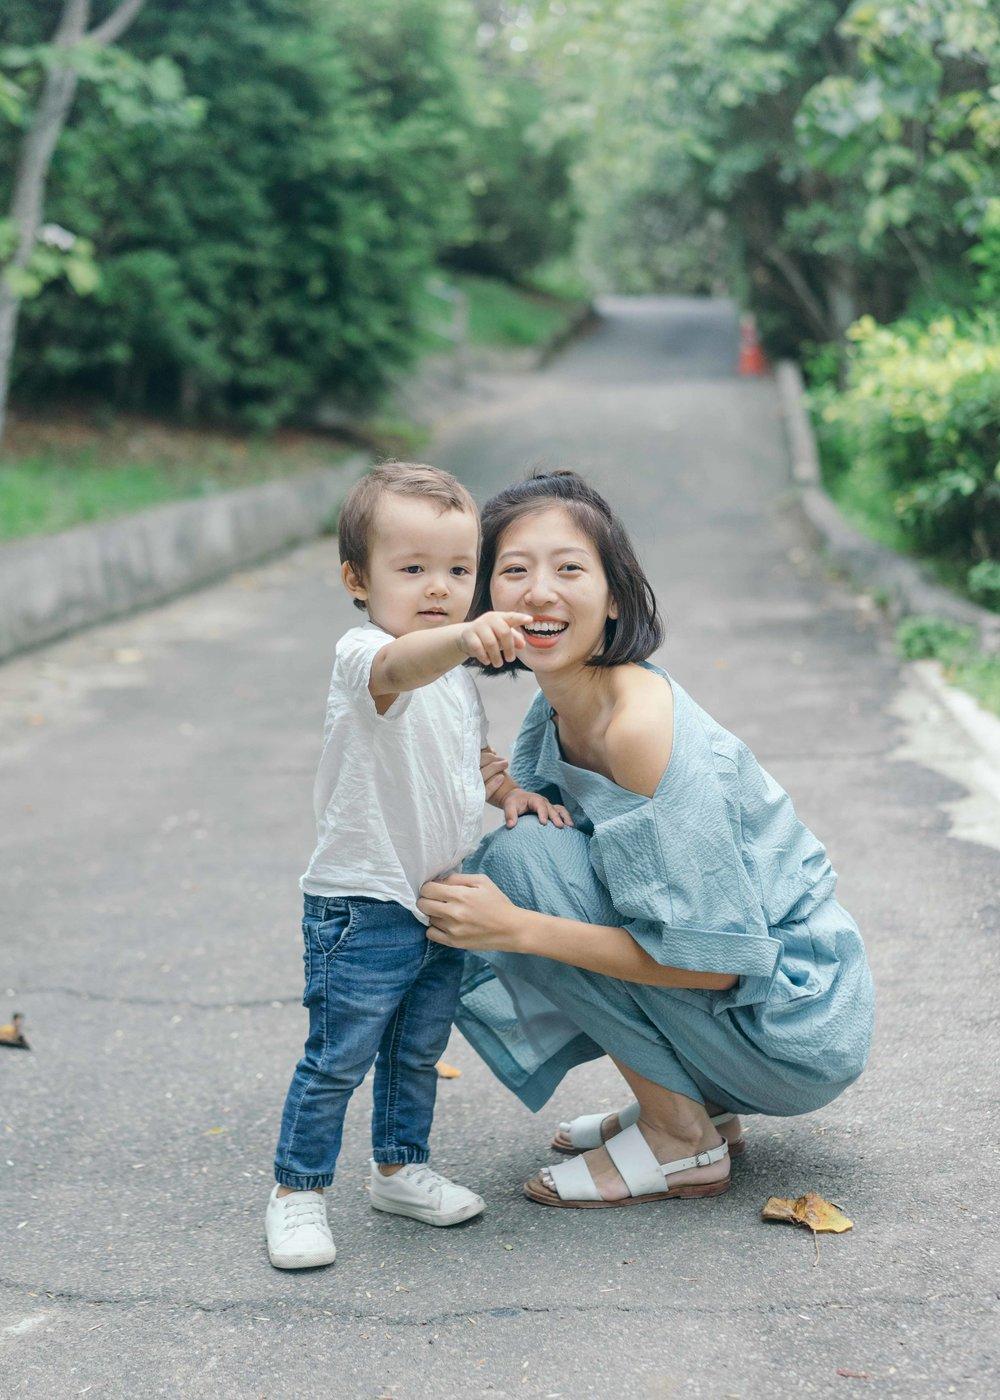 媽媽衣服: if&n   小孩上衣/褲子: suitangtang  / H&M